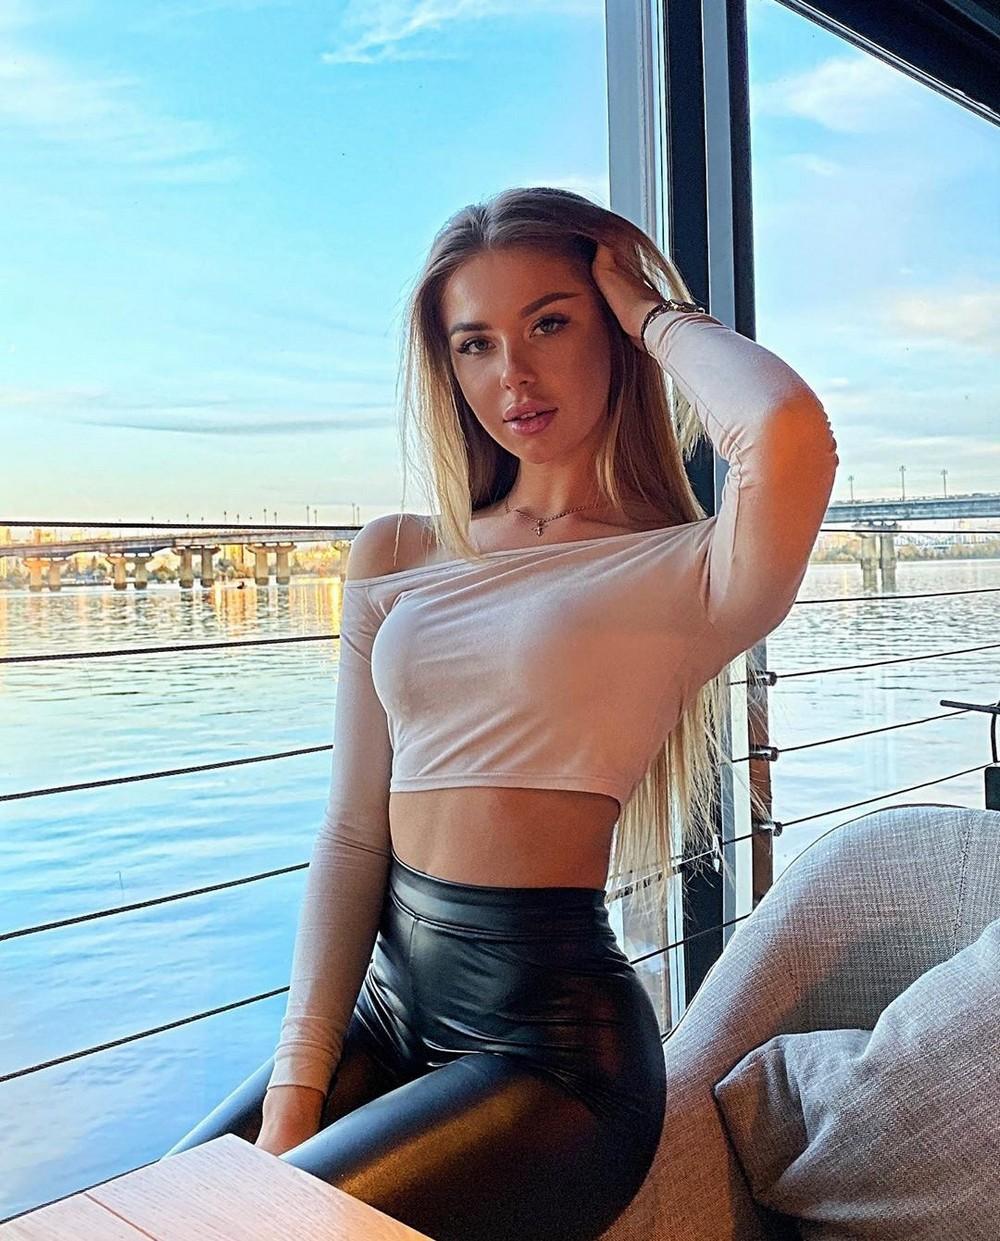 Красивые девушки в одежде из латекса